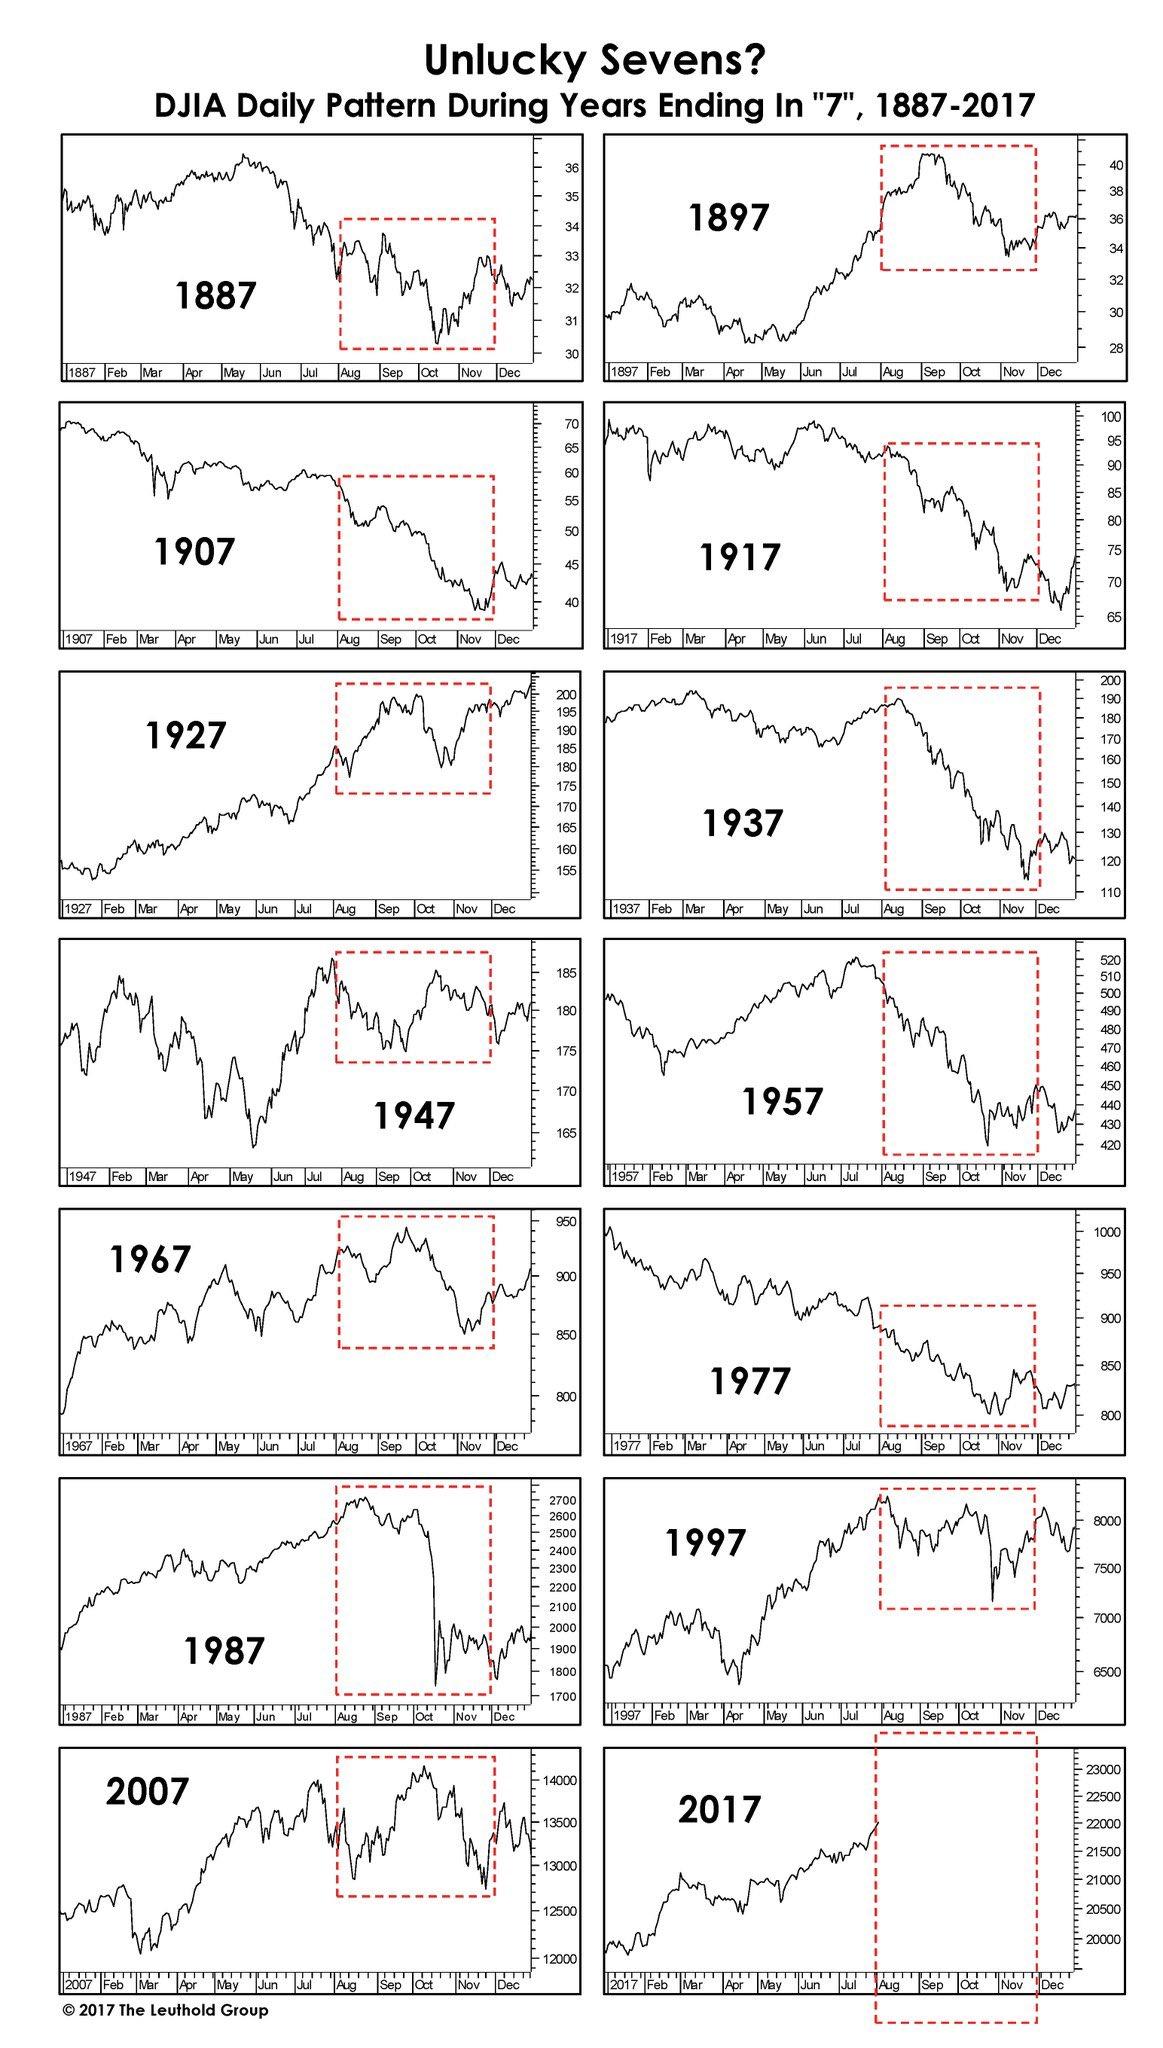 Lo que ocurre en el 2º Semestre en Años terminados en 7 desde 1887